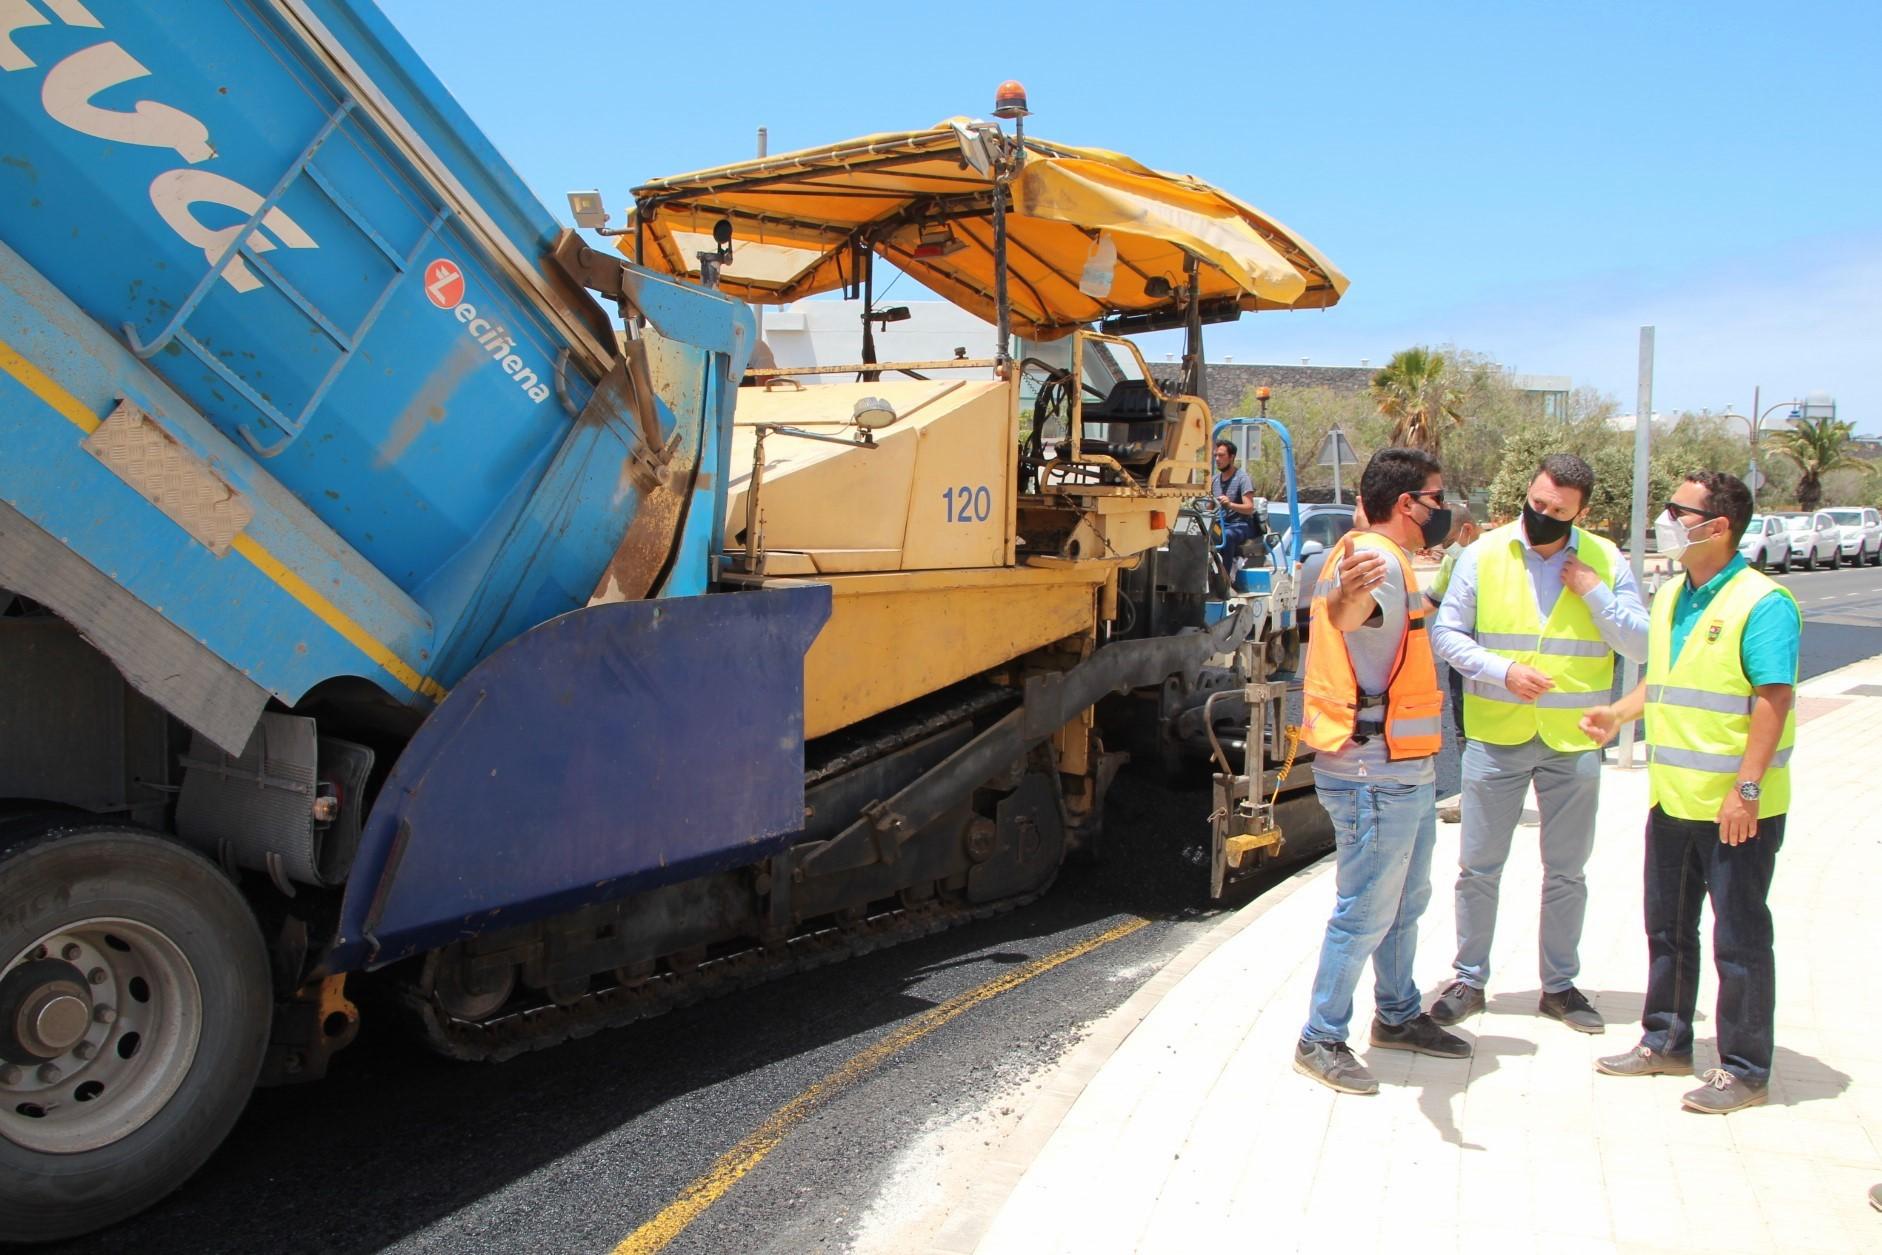 Yaiza aprueba 3,3 millones de euros más para mejoras viarias en el municipio